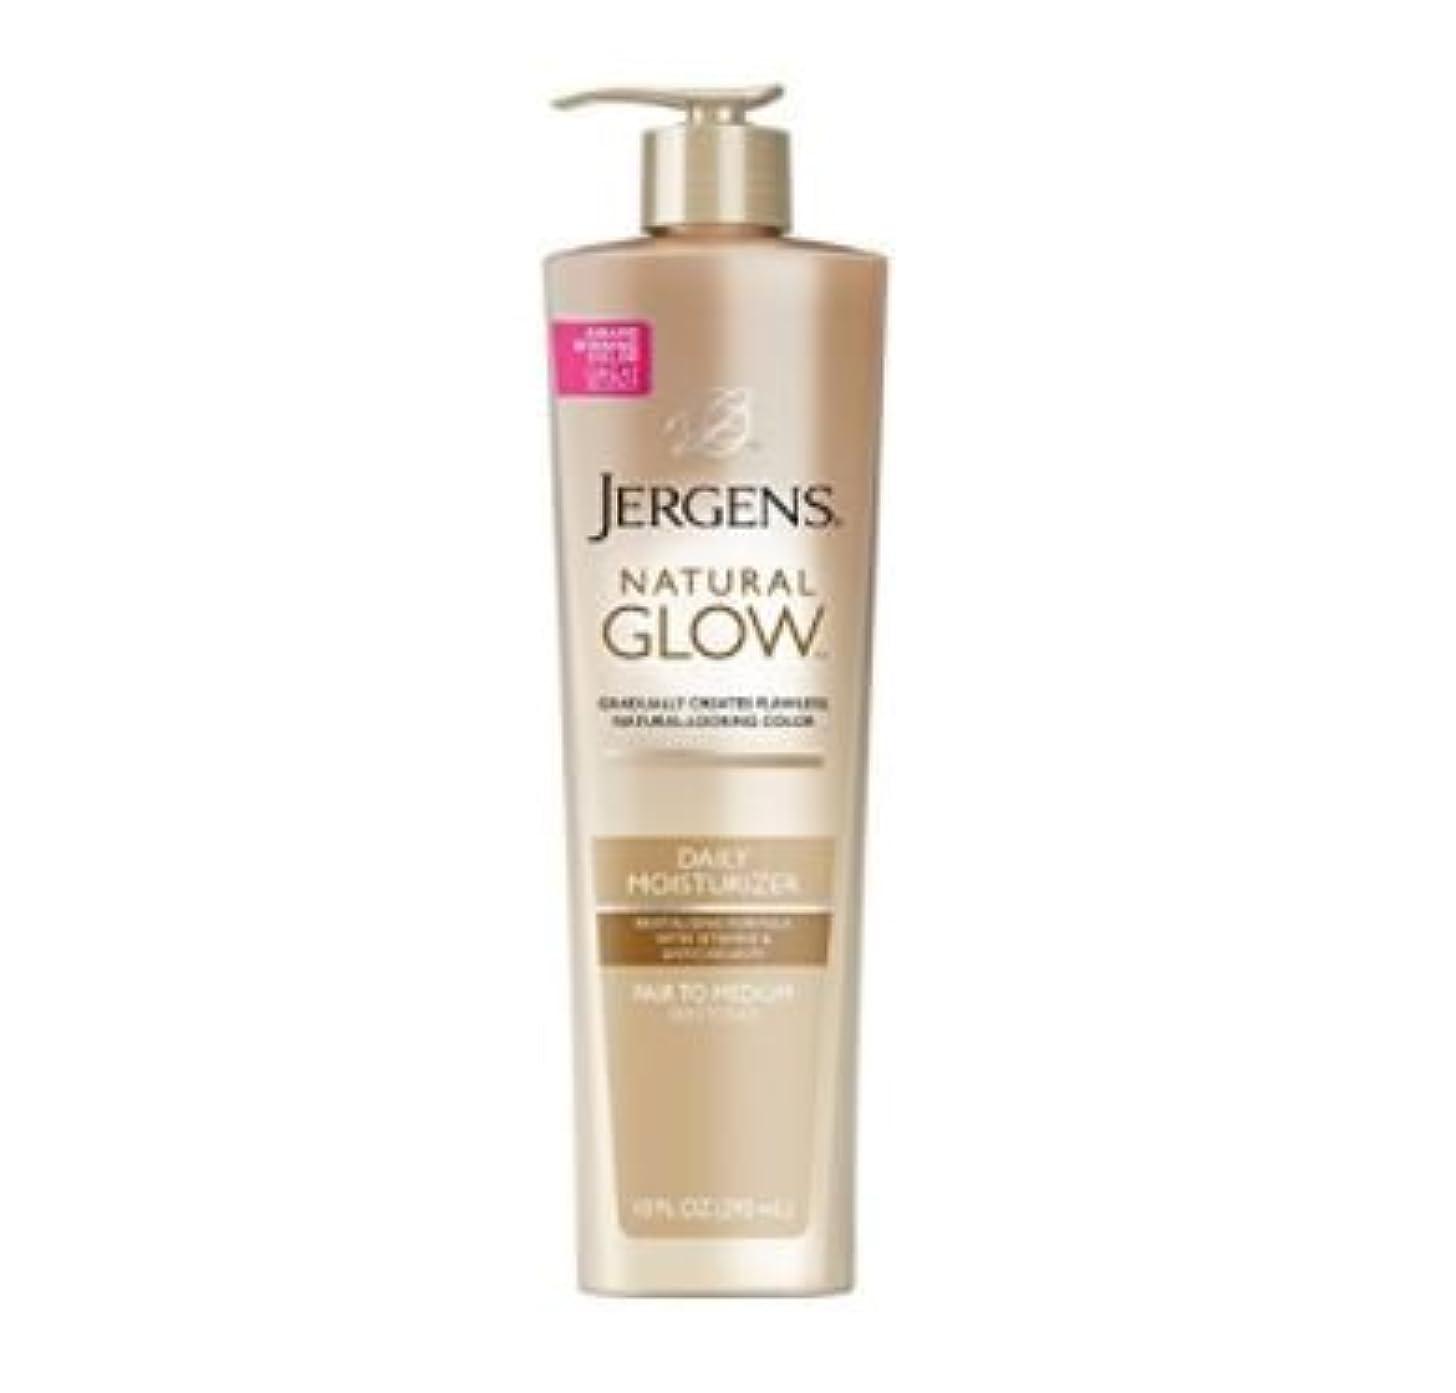 叫び声六月欠陥ジャーゲンス【ポンプ付き295ml】塗るだけでキレイなブロンズ肌! セルフタンニングローション Jergens Natural Glow ジャーゲンズ (Fair/Medium 色白の方用)